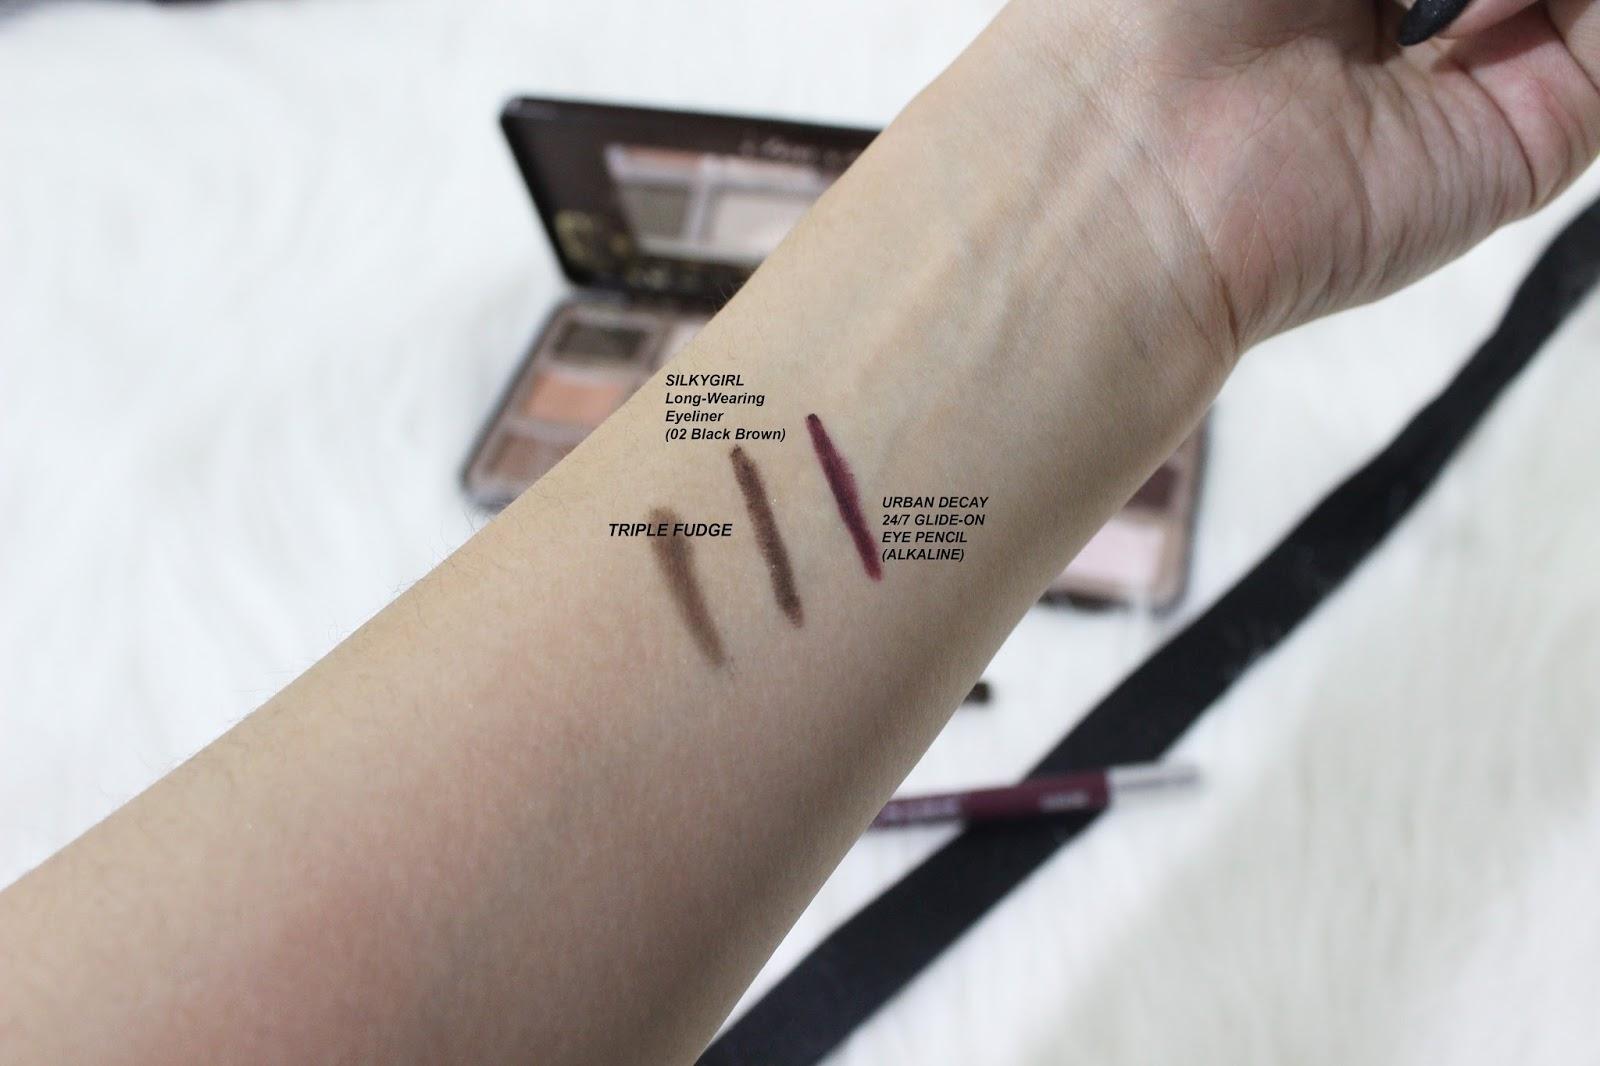 Silkygirl Long Wearing Eyeliner 02 Black Brown Daftar Harga 01 143027 Silky Girl In Is Probably The I Always Get